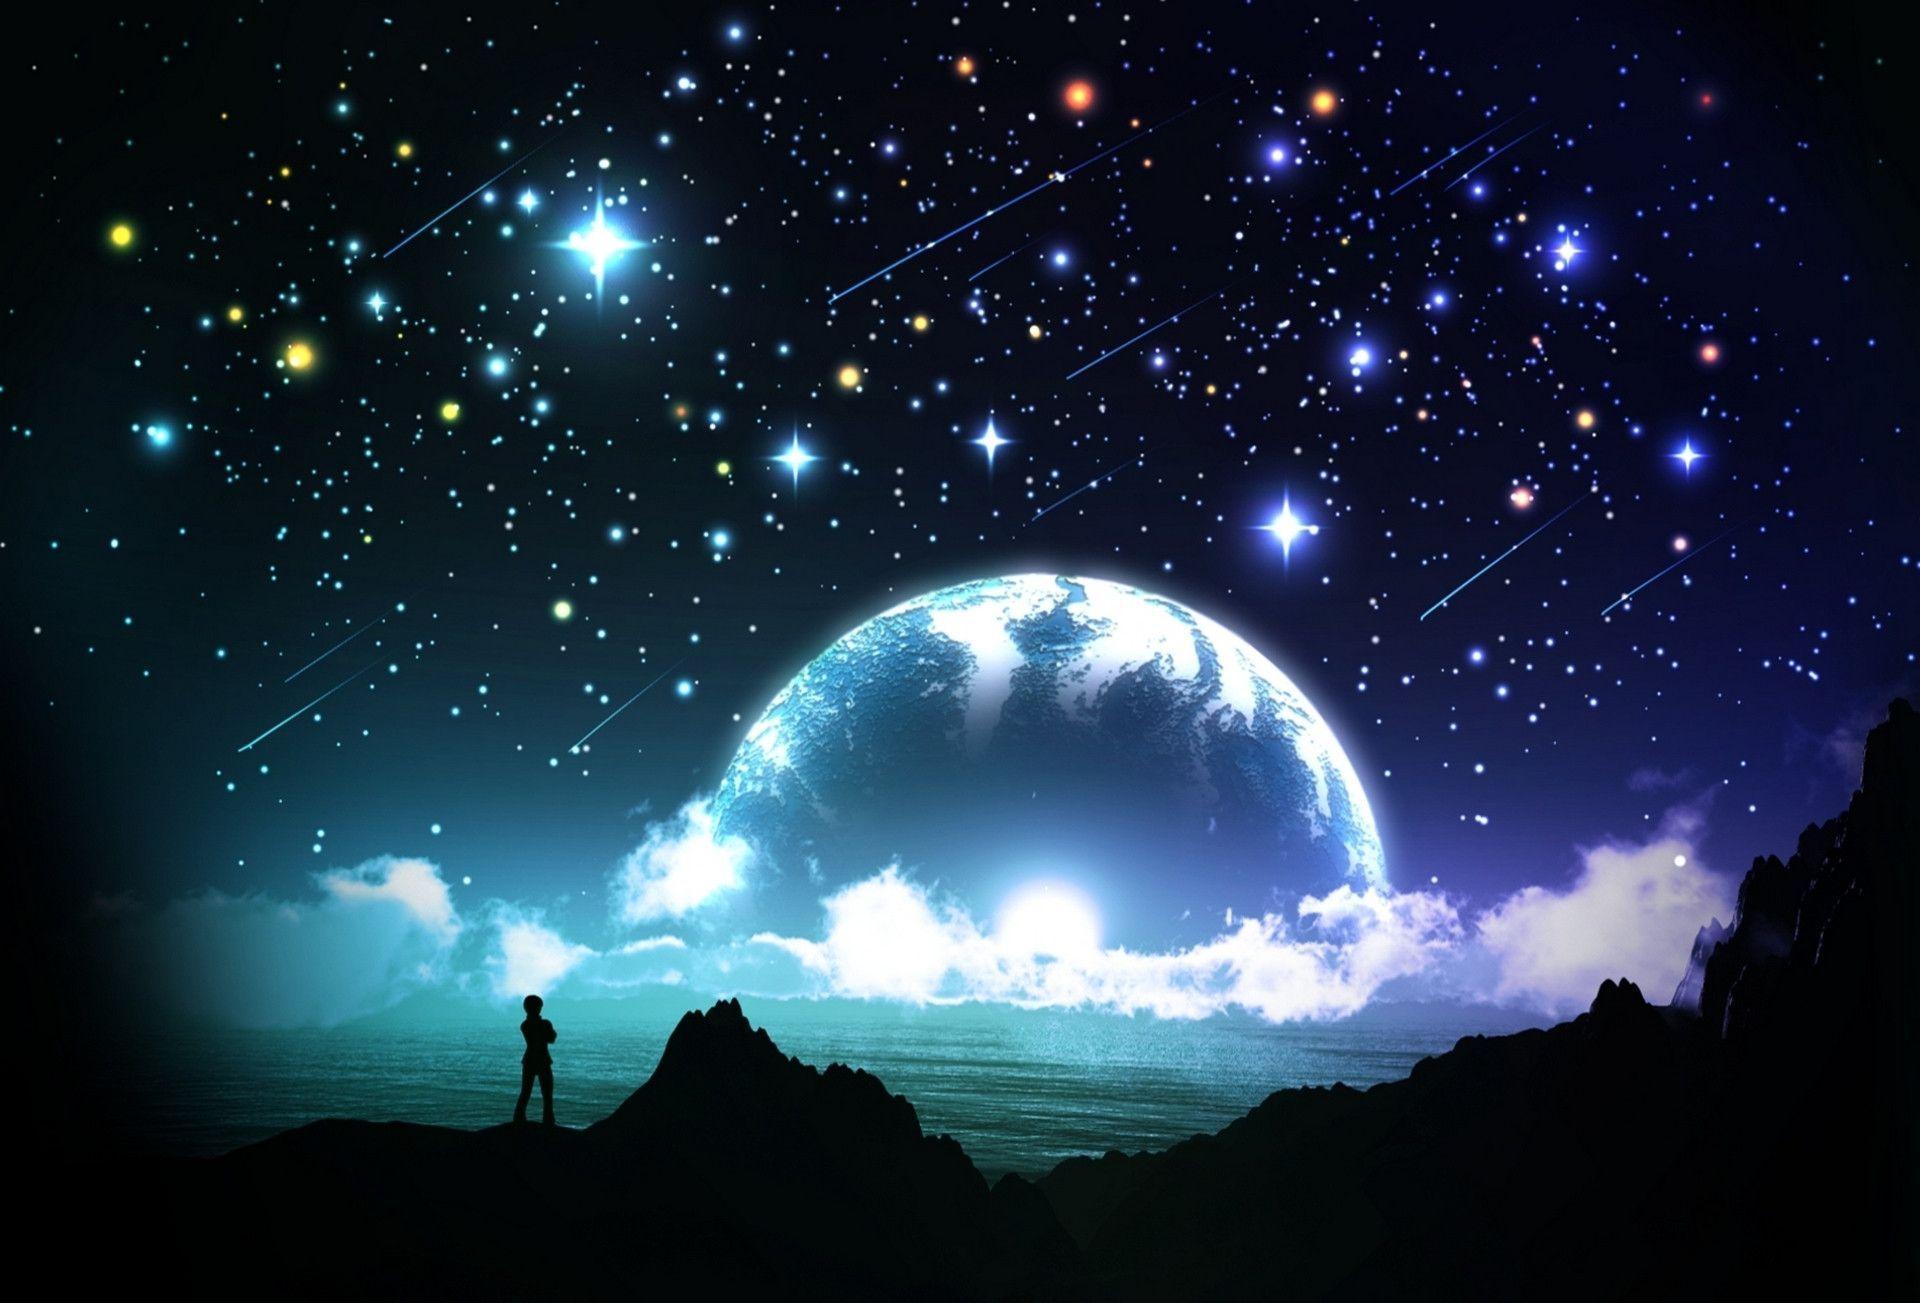 Wallpapers For > Desert Night Sky Stars Wallpaper